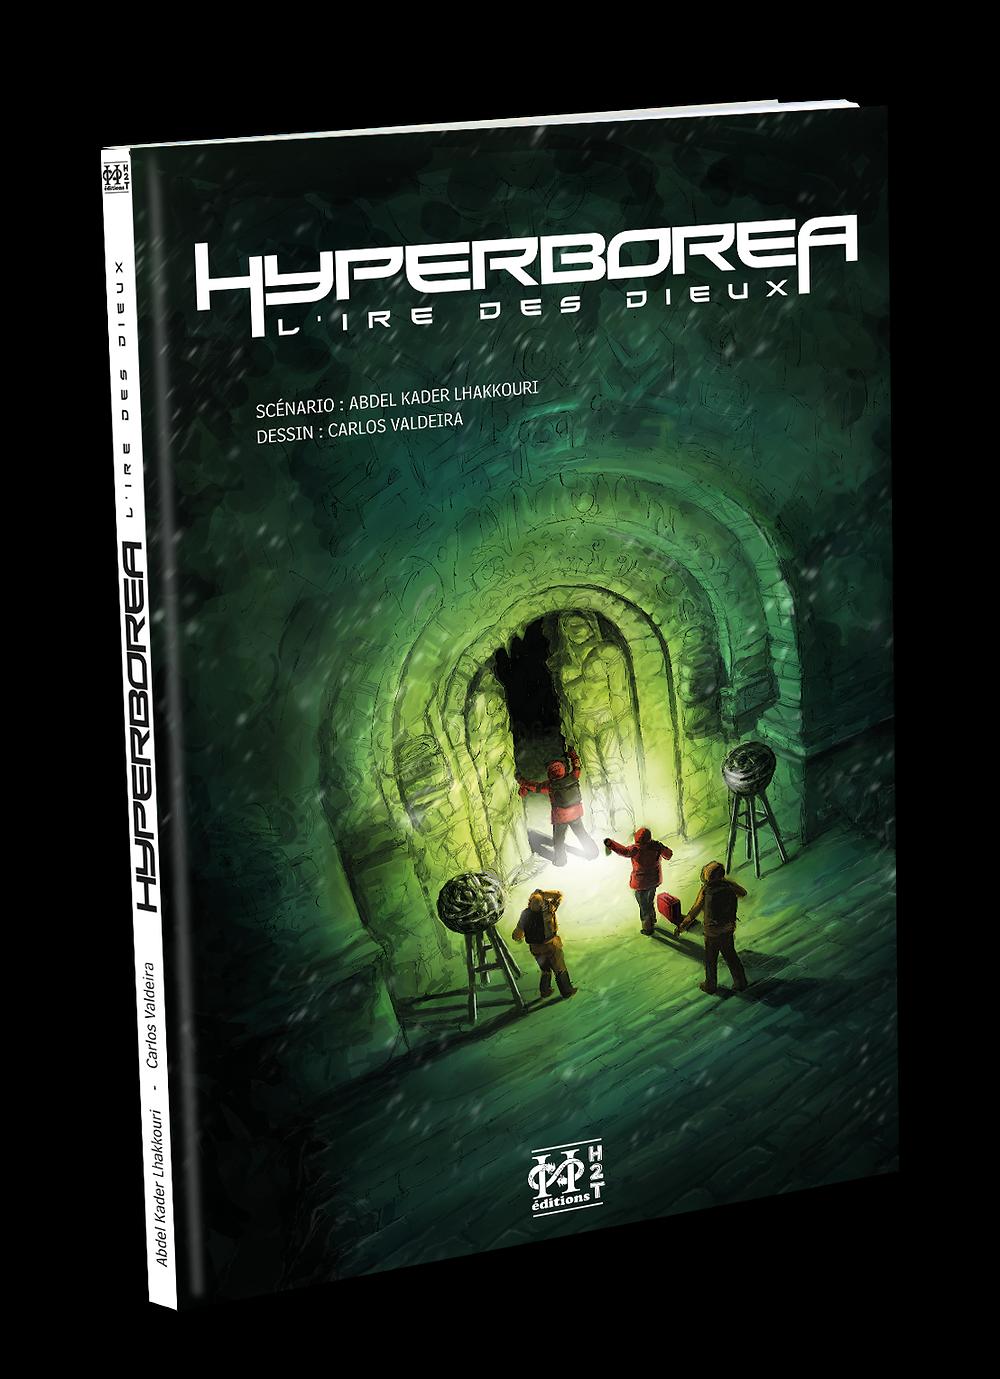 Hyperboréa , l'ire des dieux est une BD d'Abdelkader Lhakkouri et de Carlos Valdeira aux Editions H2T - sortie le 23.01.2019